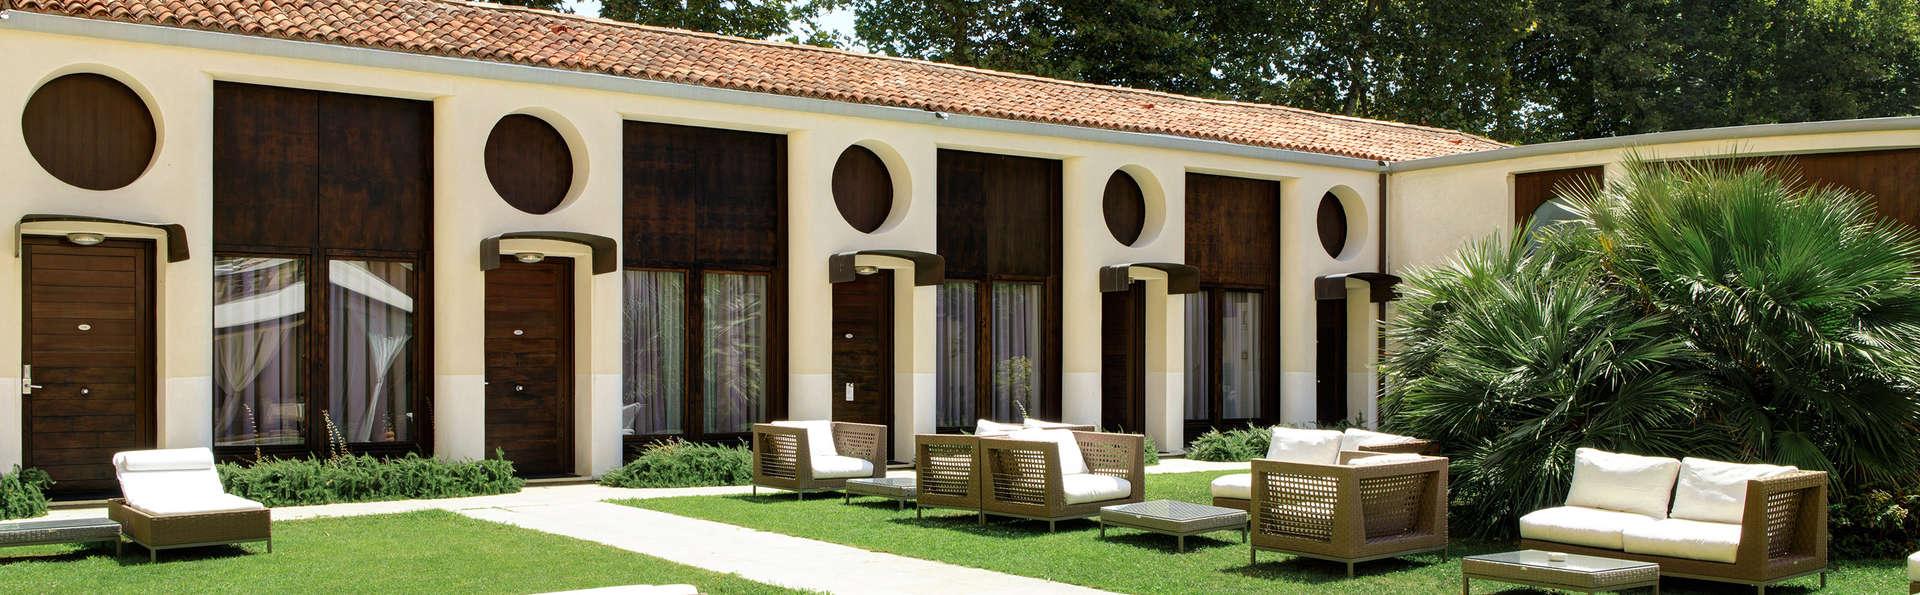 Hotel Sant'Elena - Giardino_privato_-_Best_Western_Premier_Hotel_Sant_Elena.jpg